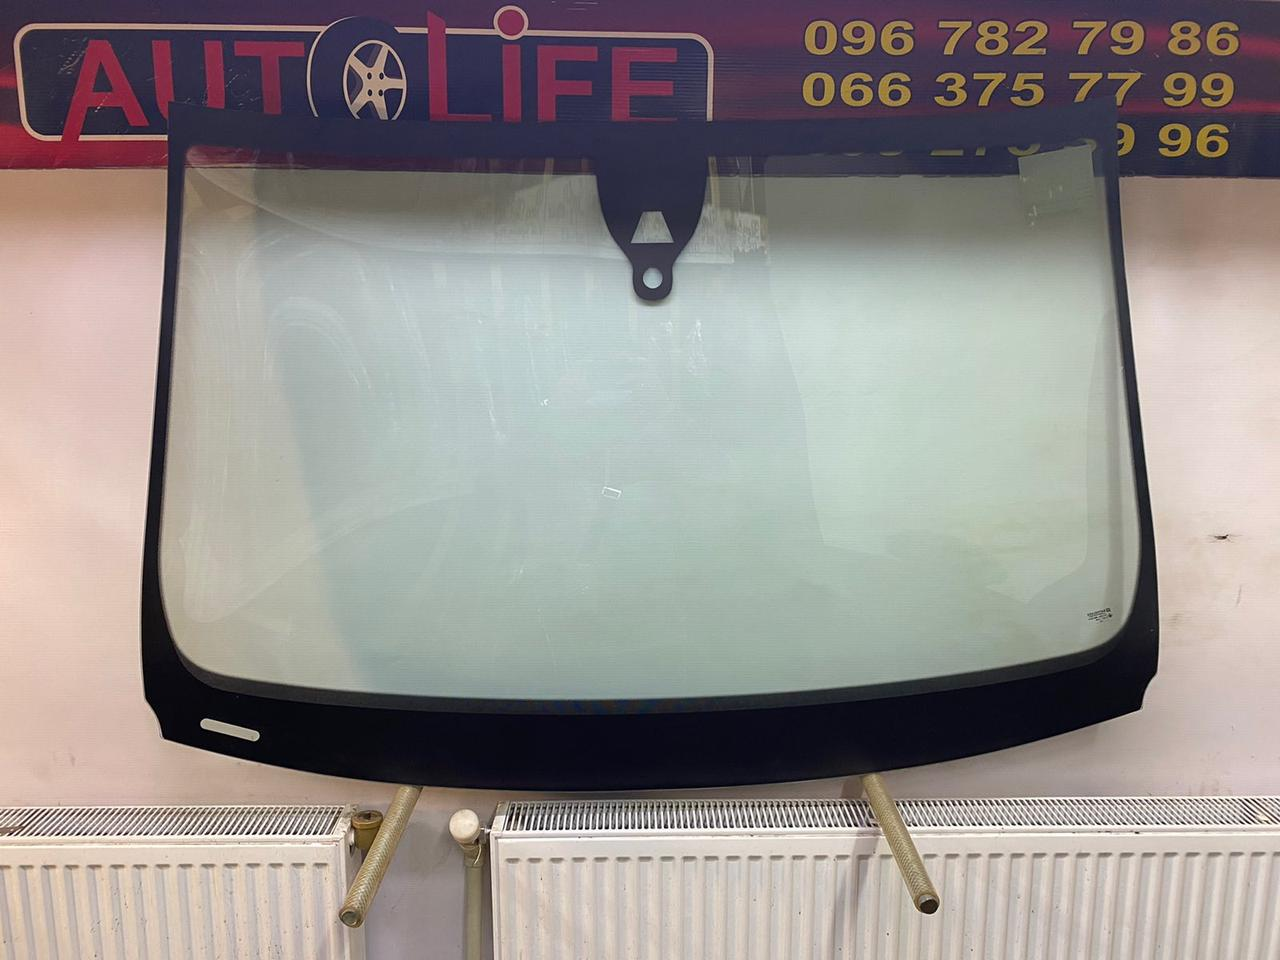 Лобовое стеклоAUDI Q7 (2006-) датчик дождя Автостекло Ауди сенсор дождя Лобове скло Ауді 1716 грн. Доставка